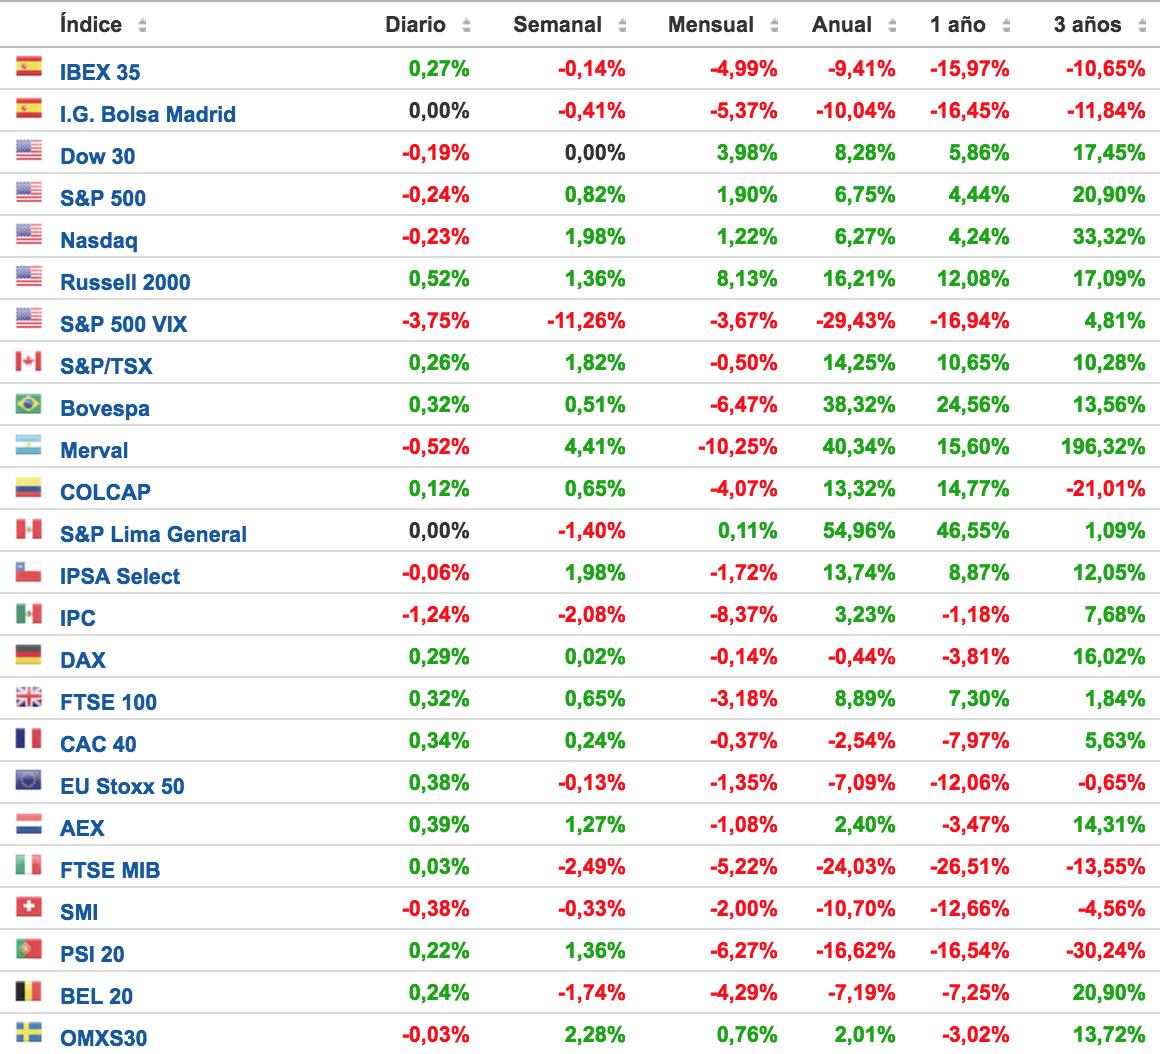 principales-índices-bursátiles-en-la-semana-del-14-al-20-de-noviembre